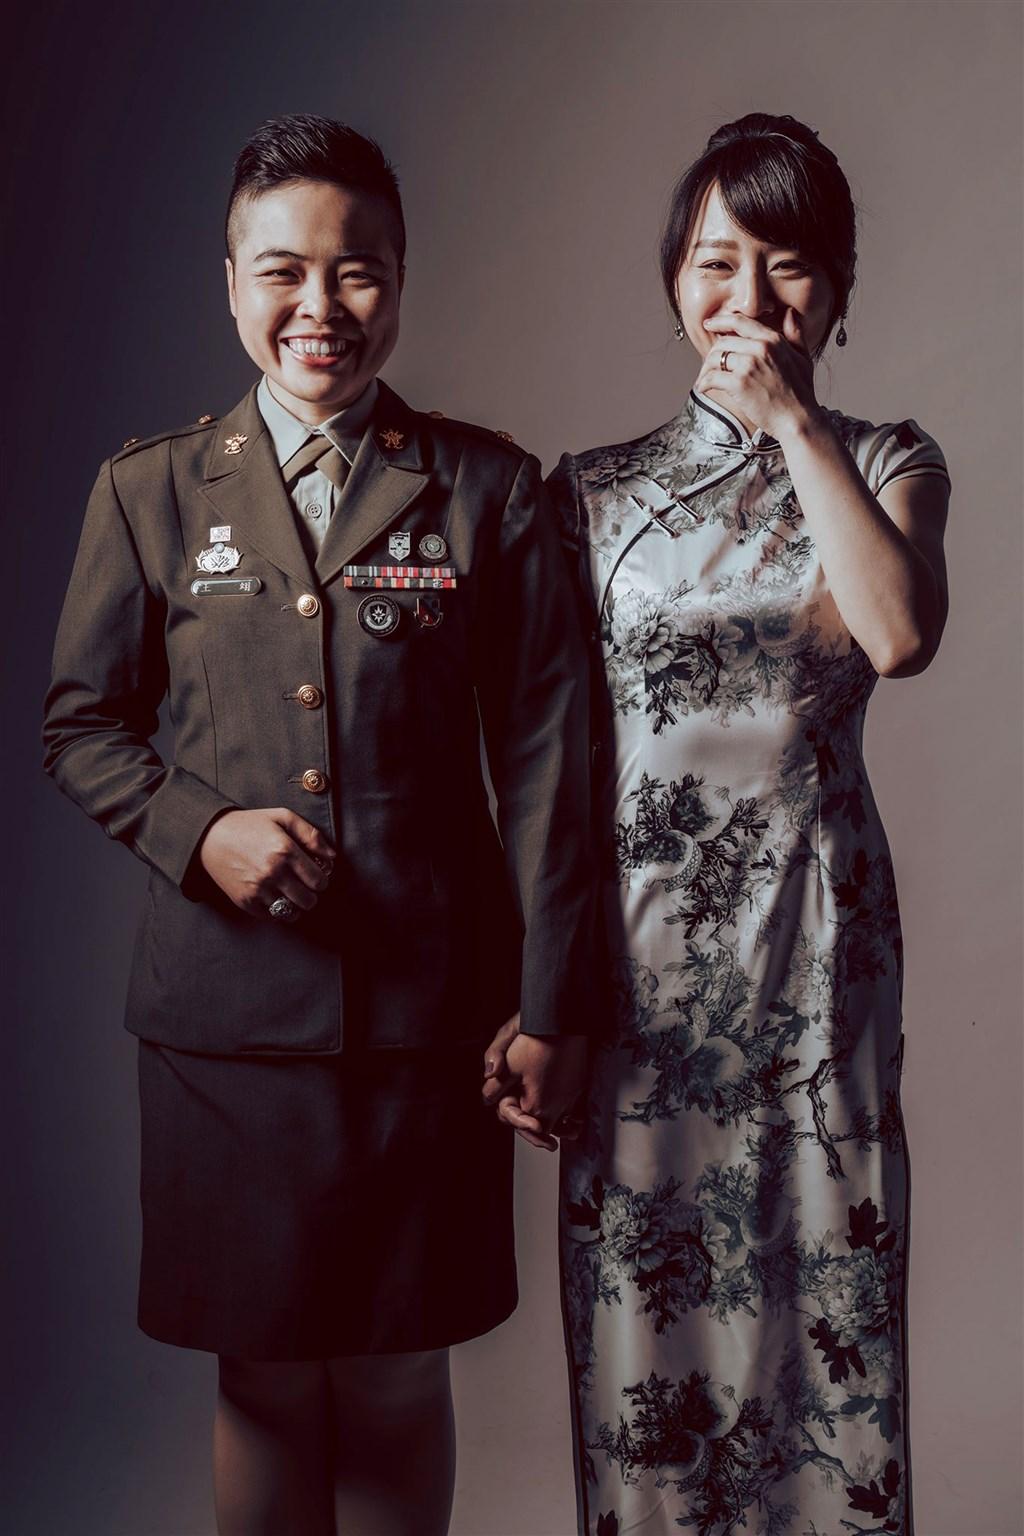 陸海空三軍聯合婚禮將於30日舉行,其中陸軍共有2對同婚新人參與,其中一對為王翊(左)與孟酉玫(右)。(陸軍提供)中央社記者游凱翔傳真 109年10月26日